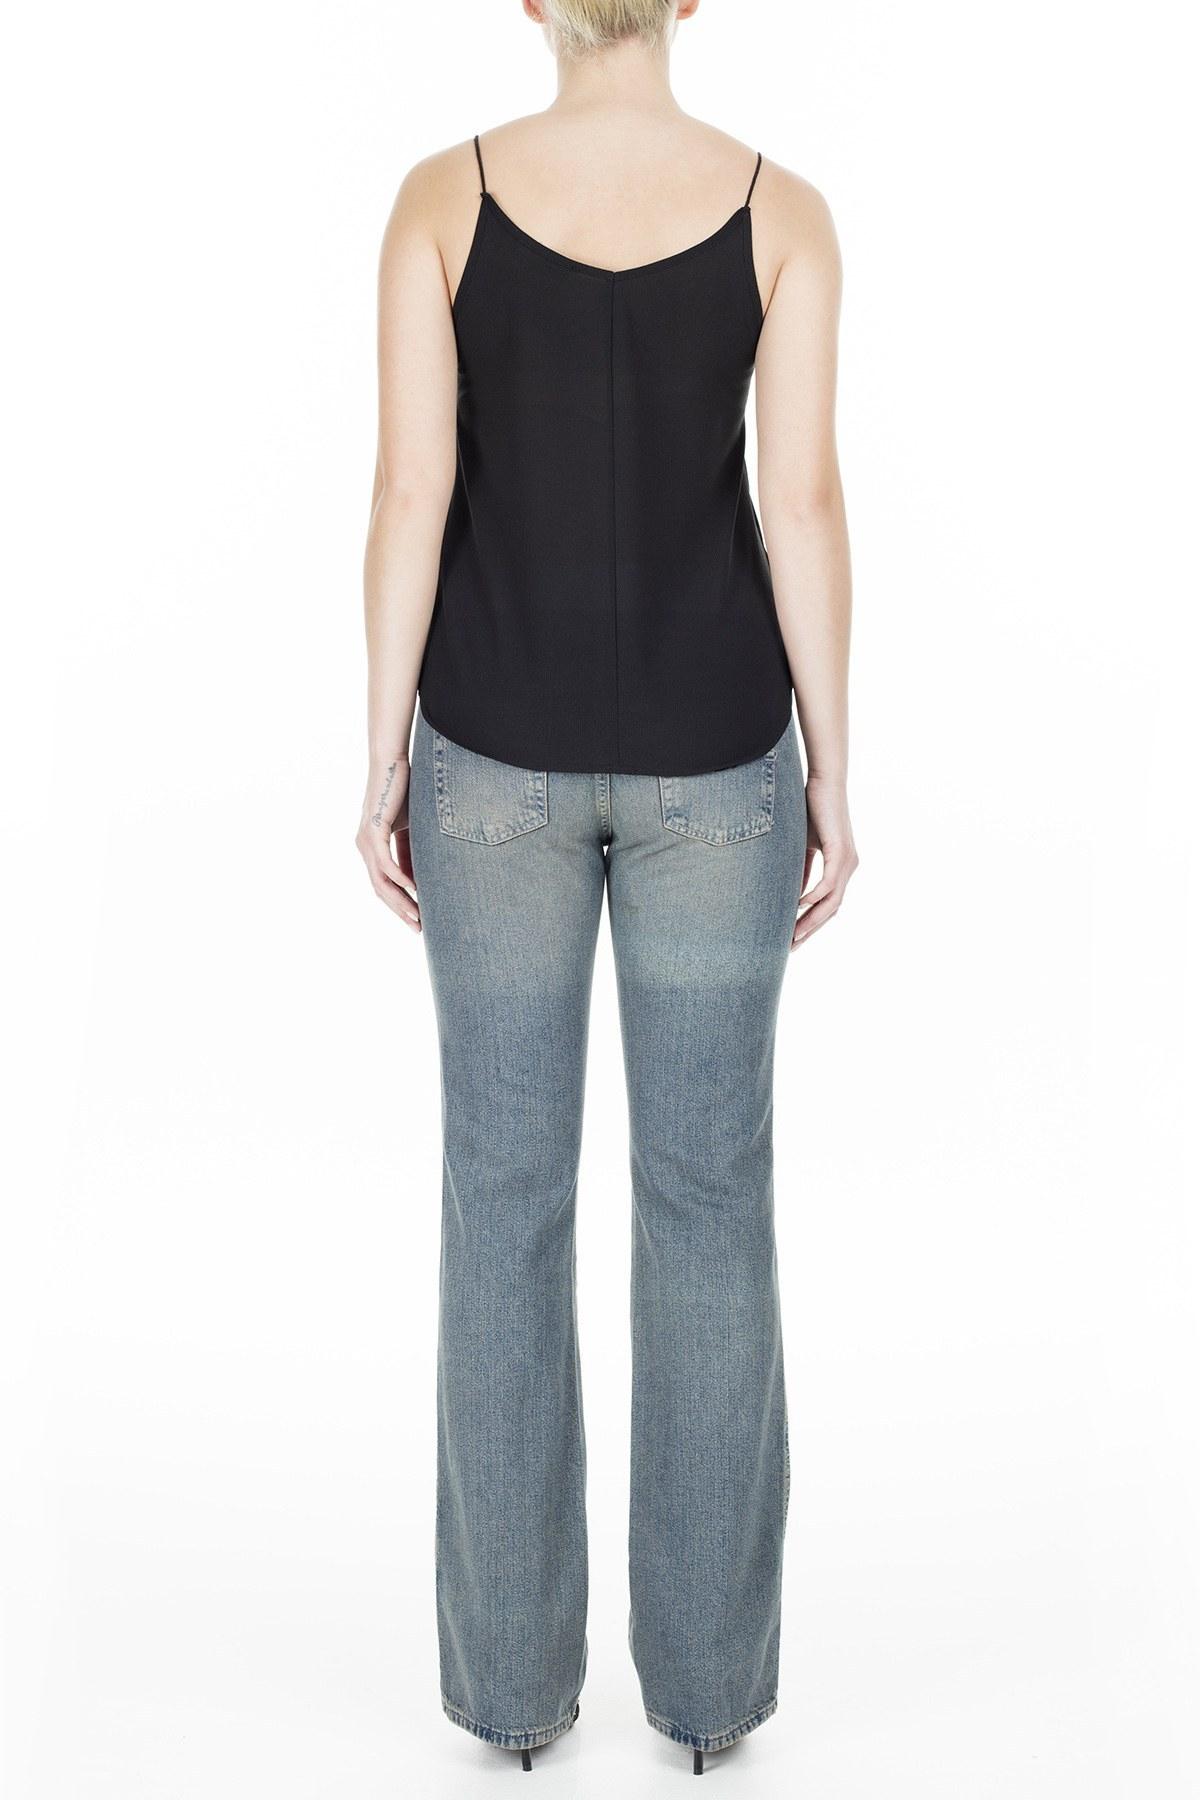 Diesel Jeans Bayan Kot Pantolon ZOX0010T8 İNDİGO